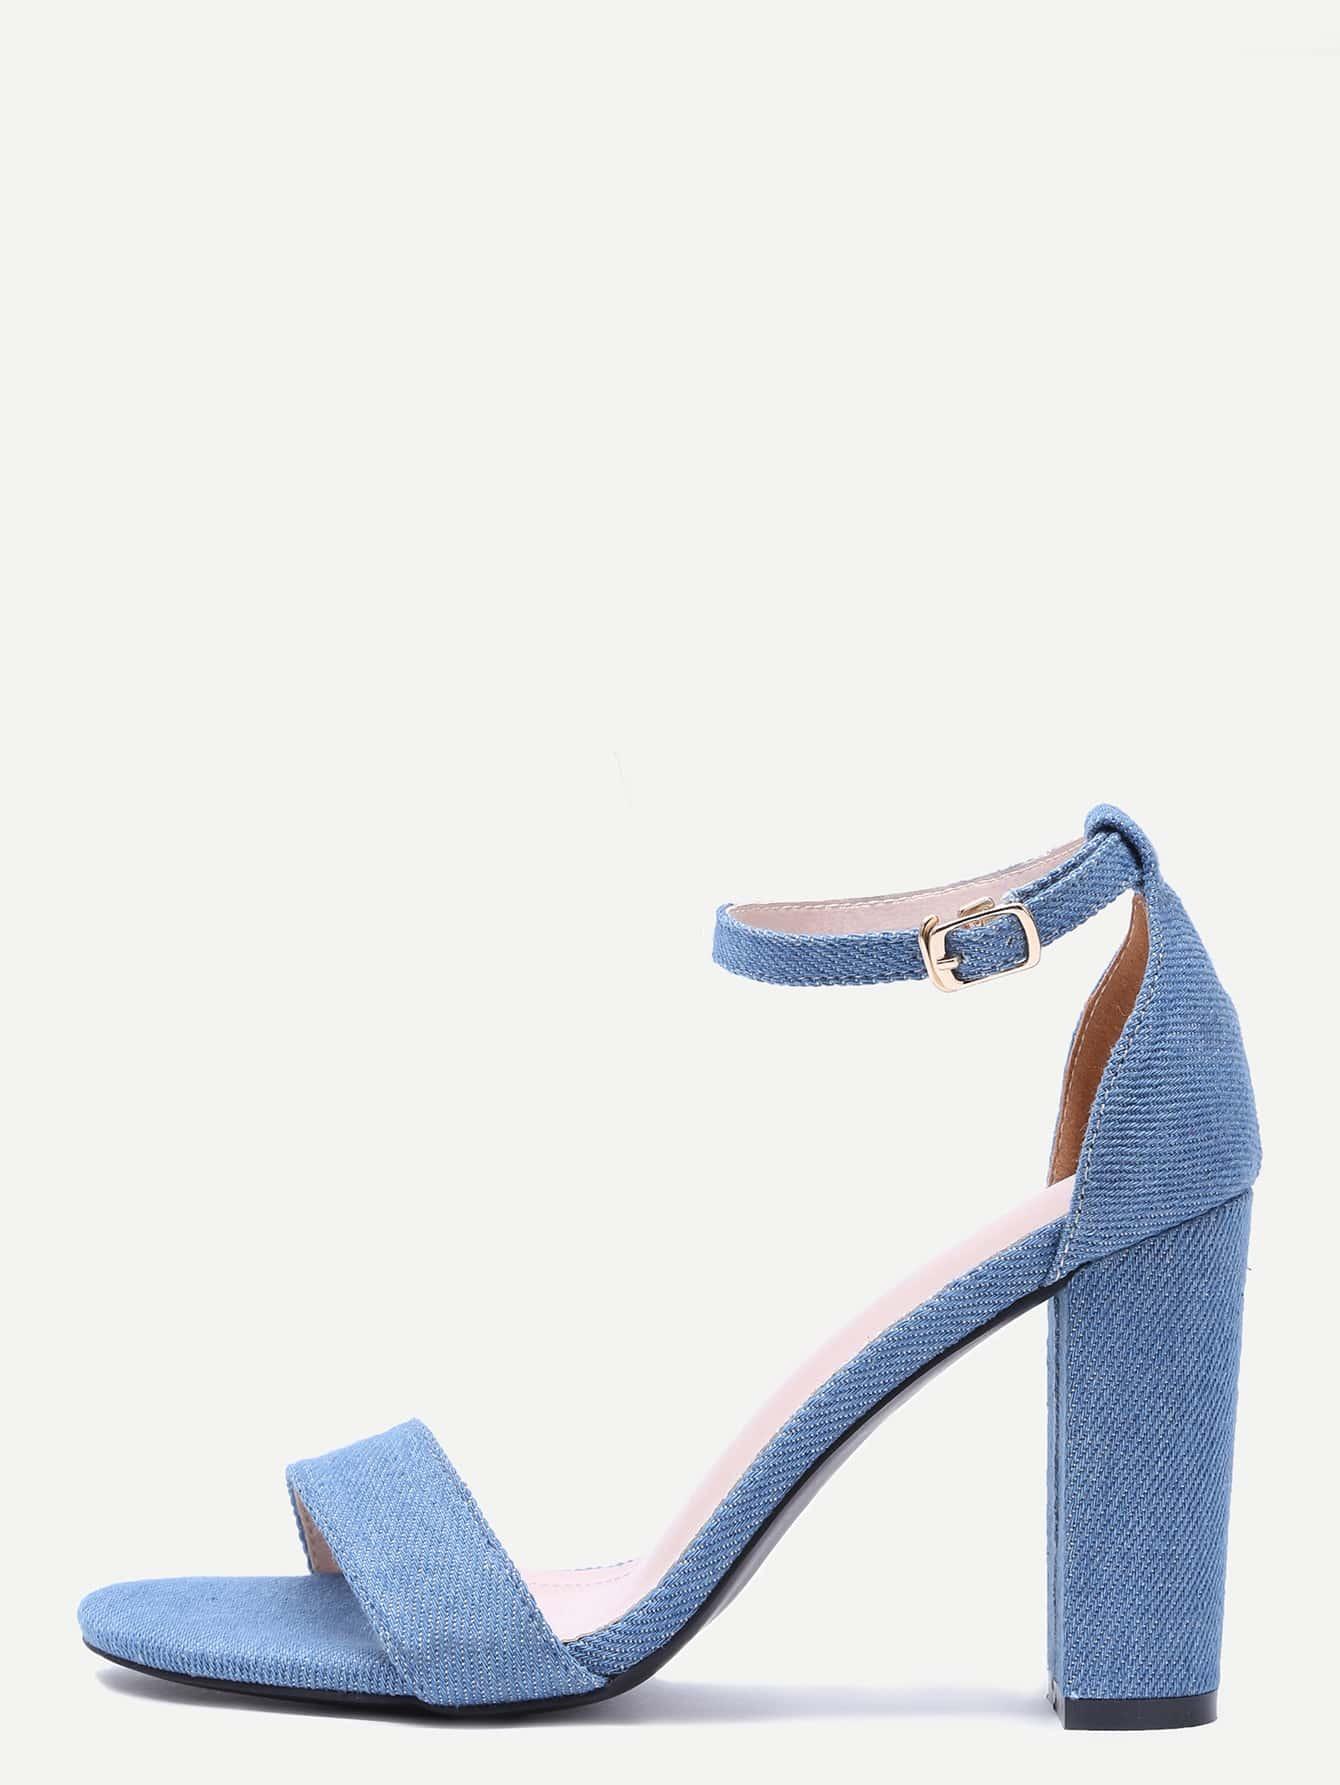 shoes161202802_2